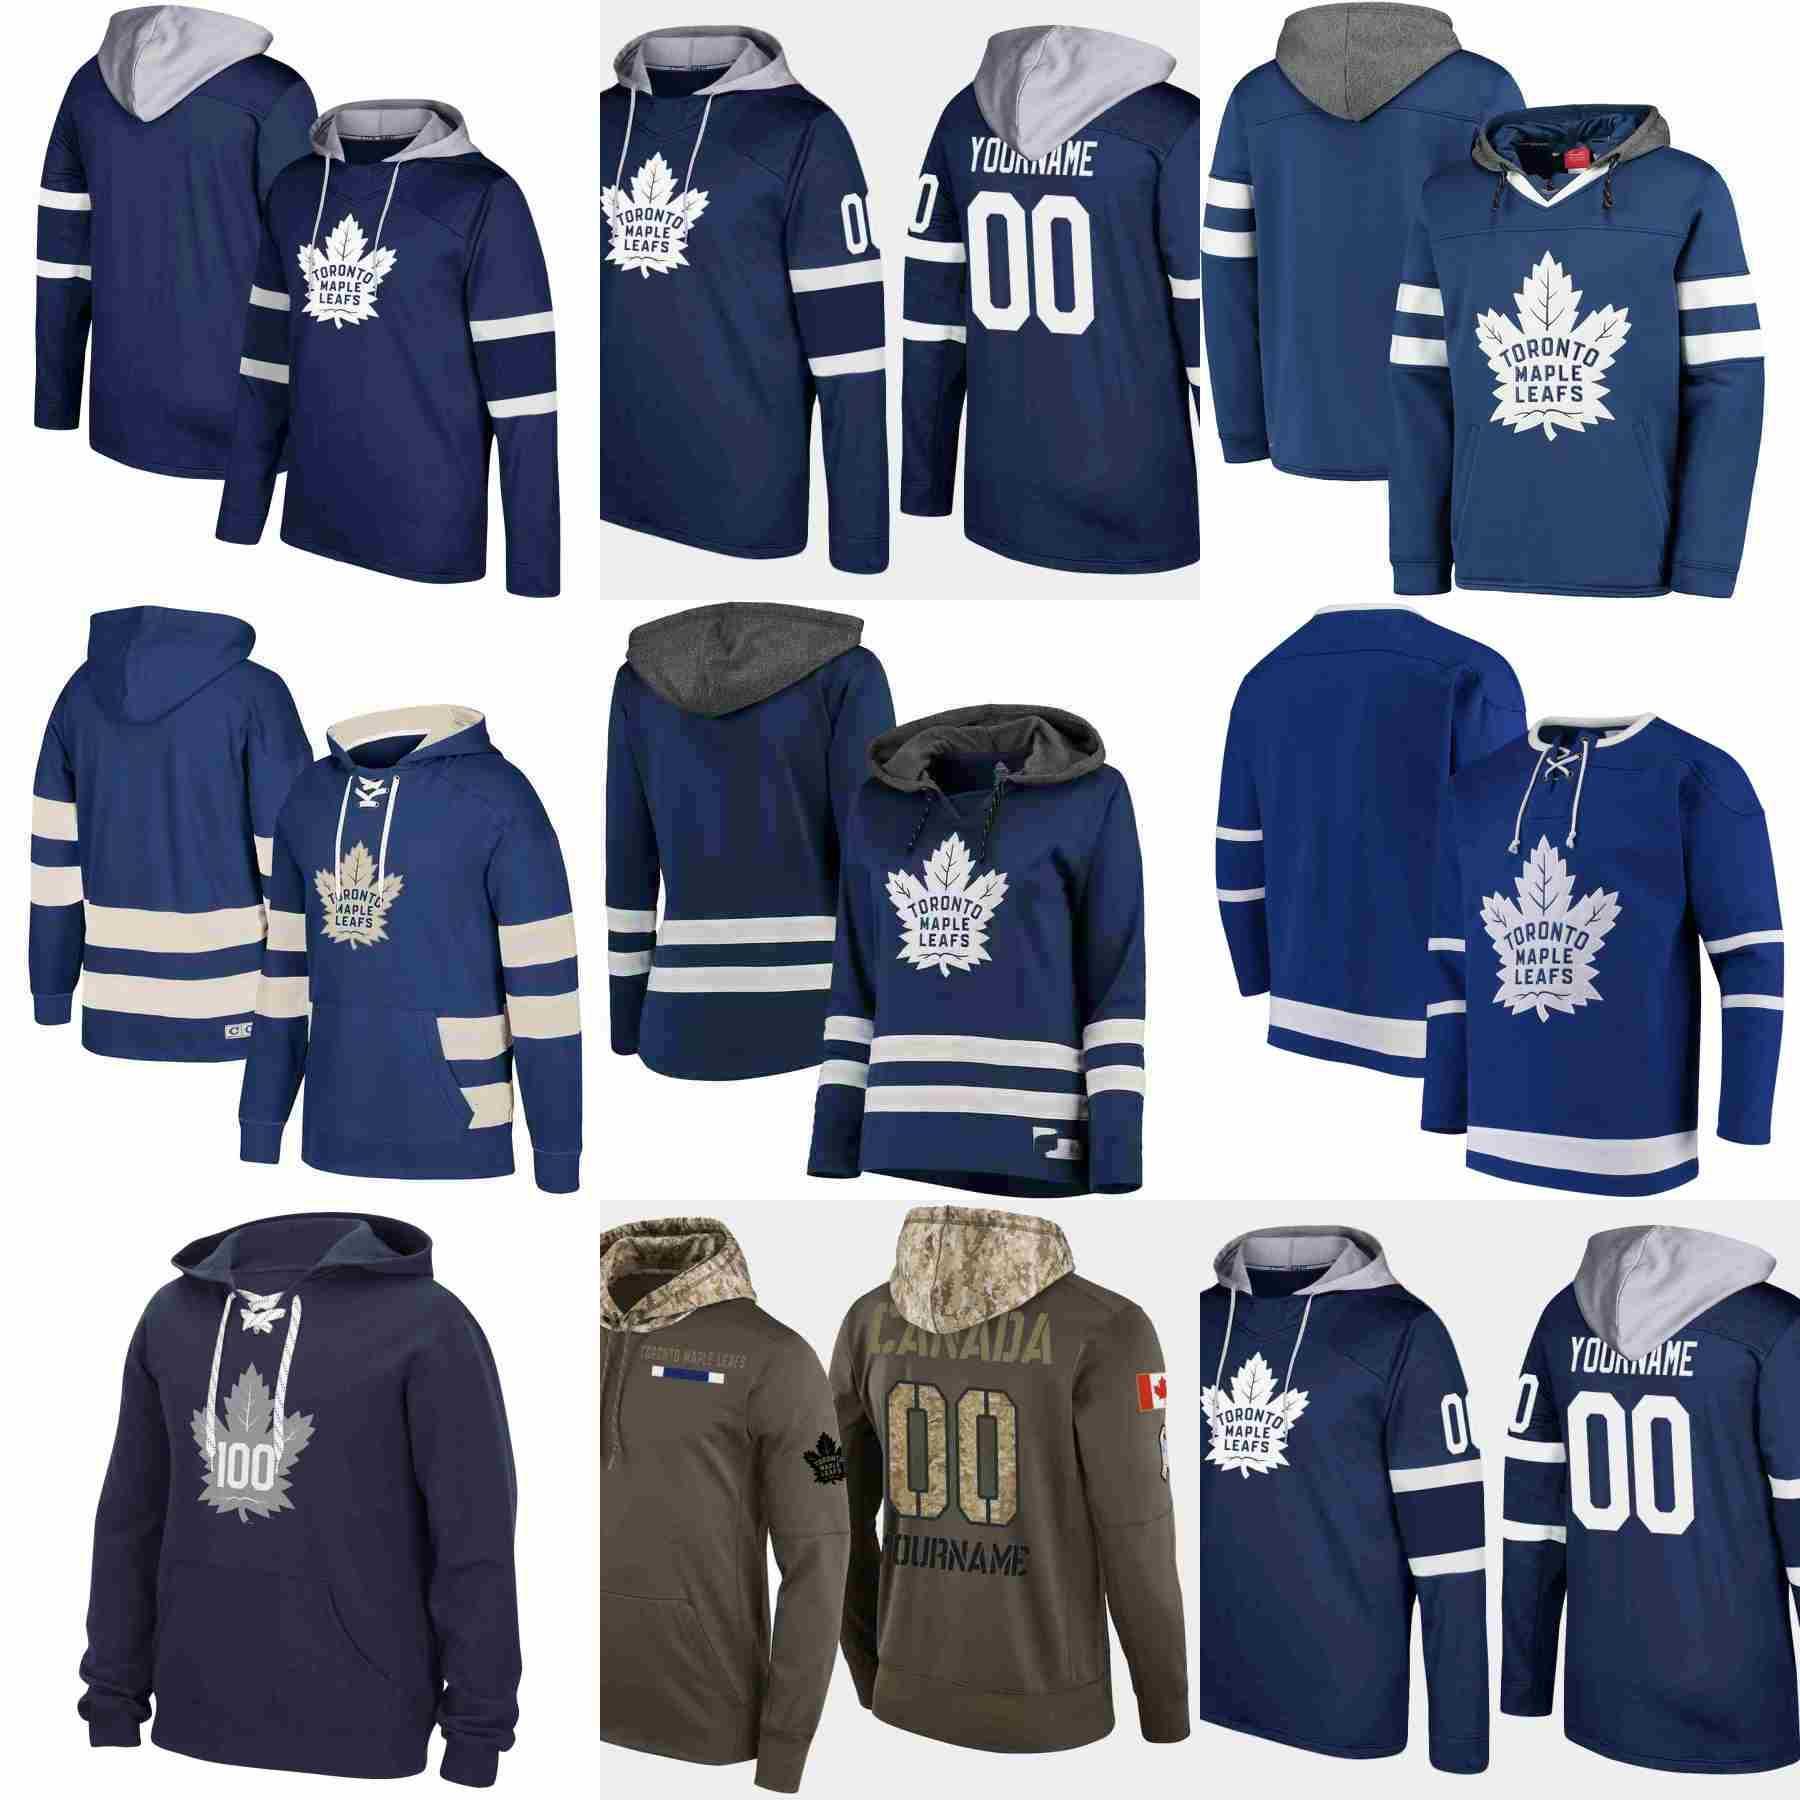 Toronto Maple Leafs Hoodie 91 Tavares A Patch 34Auston Matthews ... d4d588c47